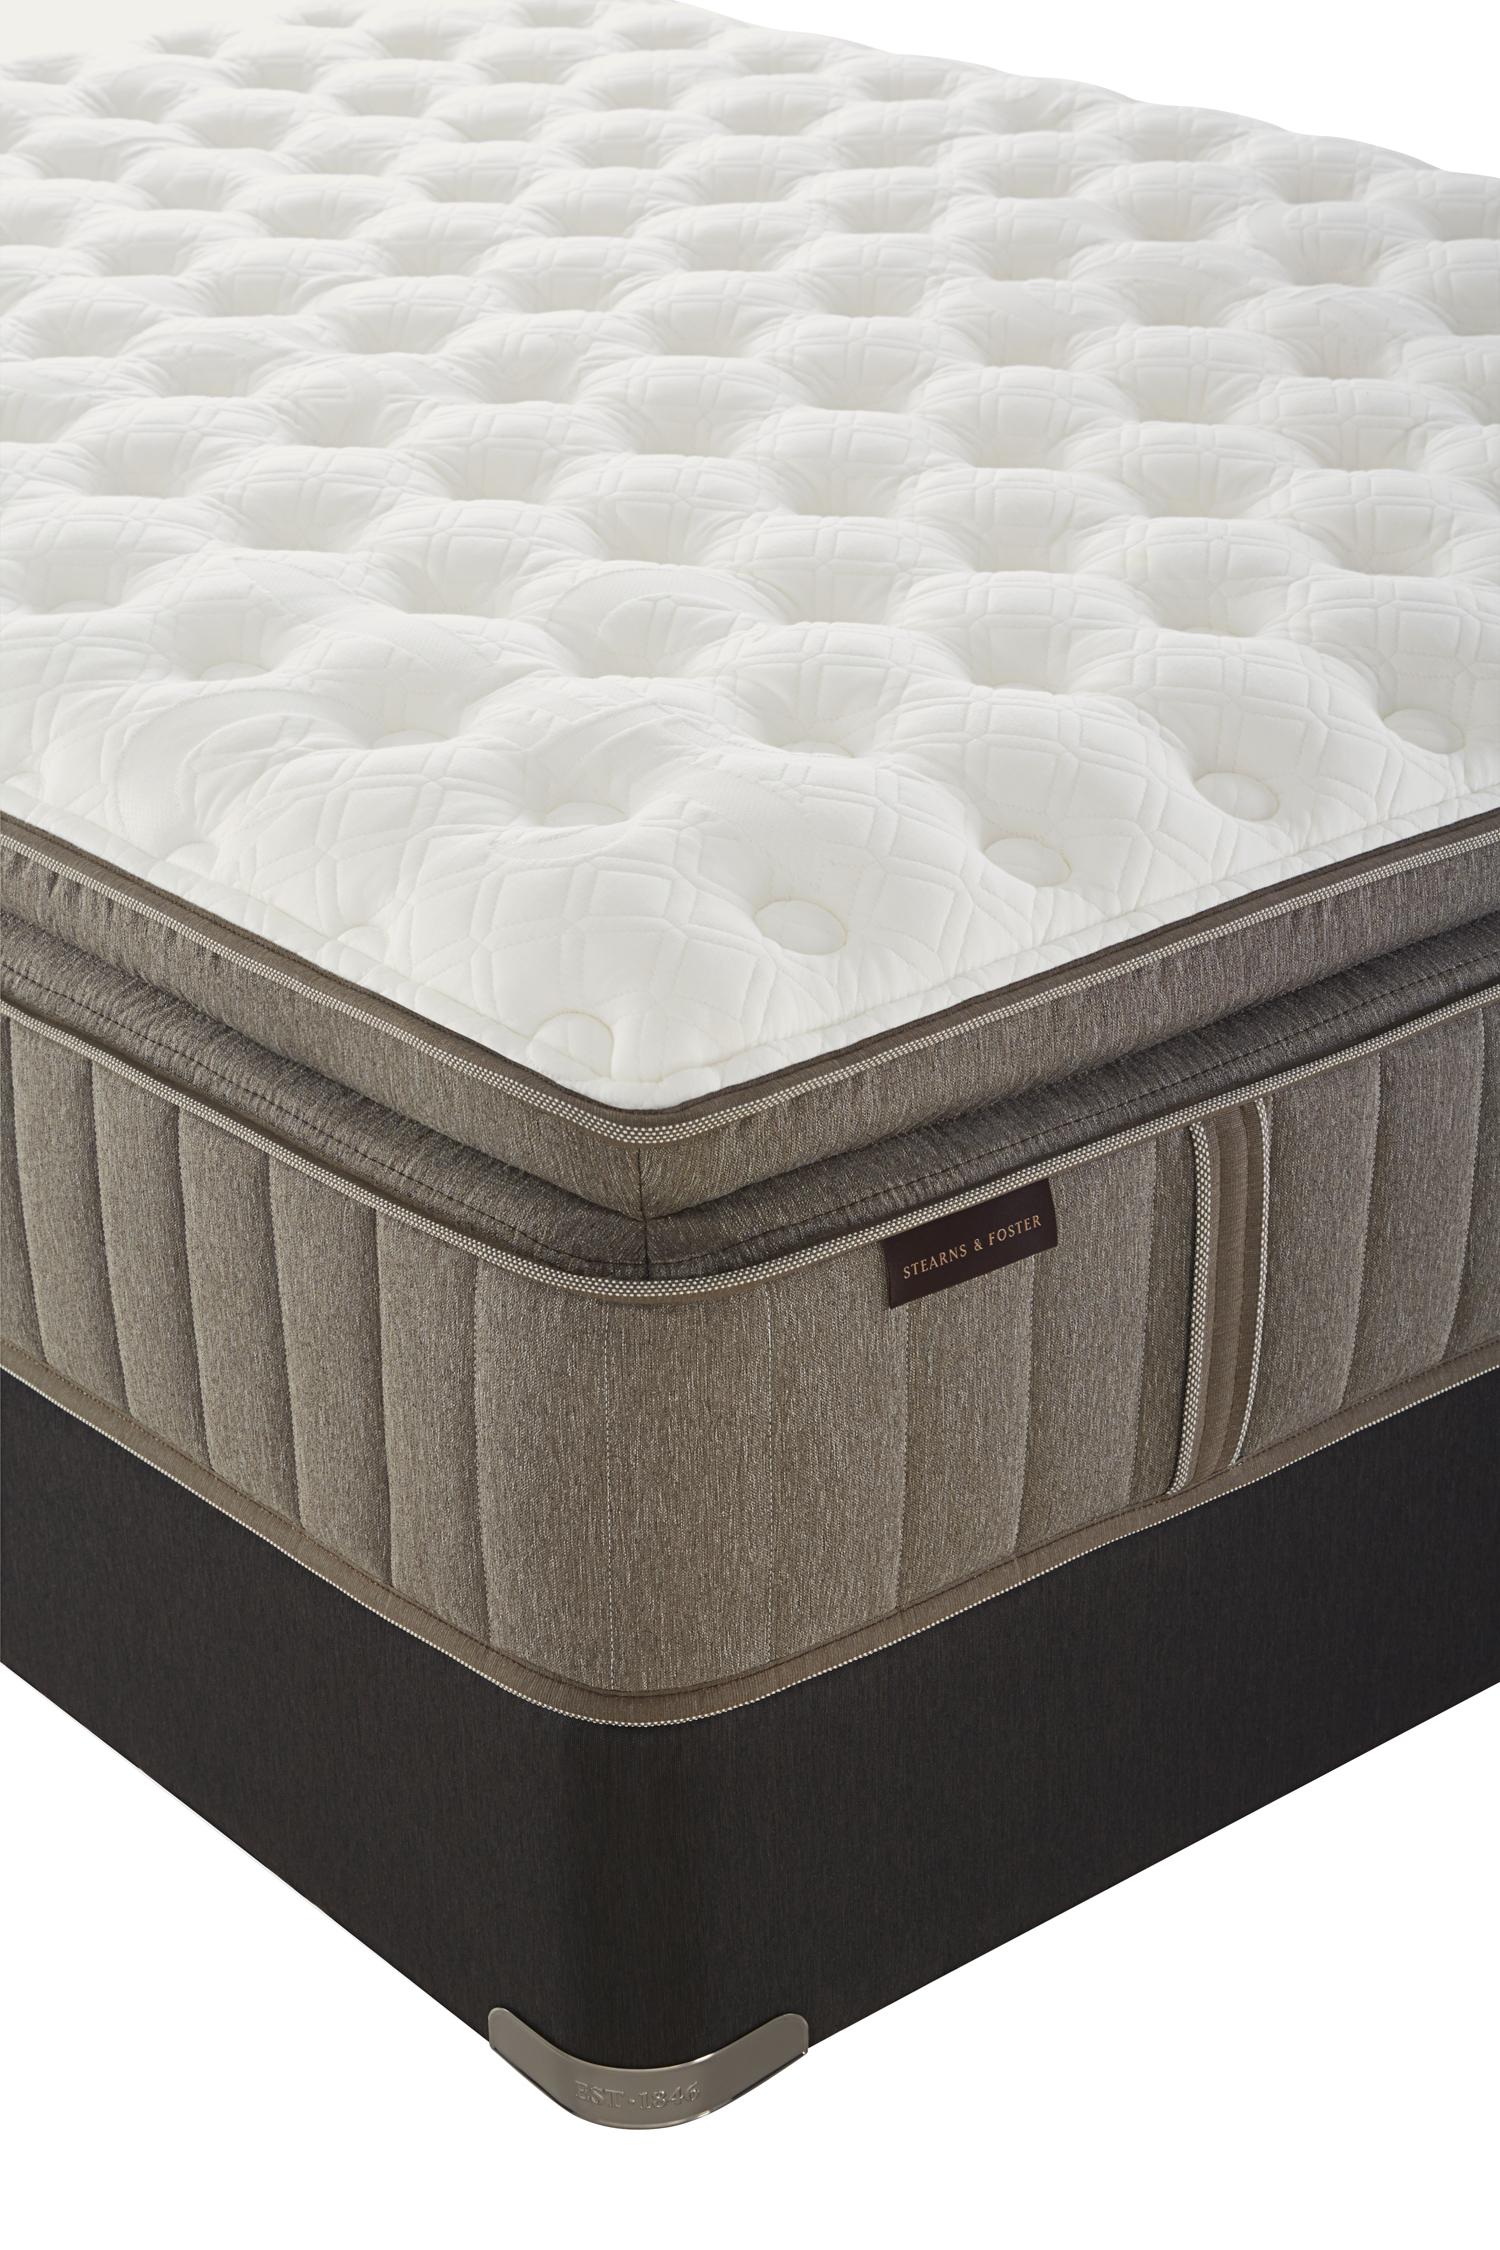 Stearns Foster Mckee Luxury Firm Euro Pillowtop King Mattress